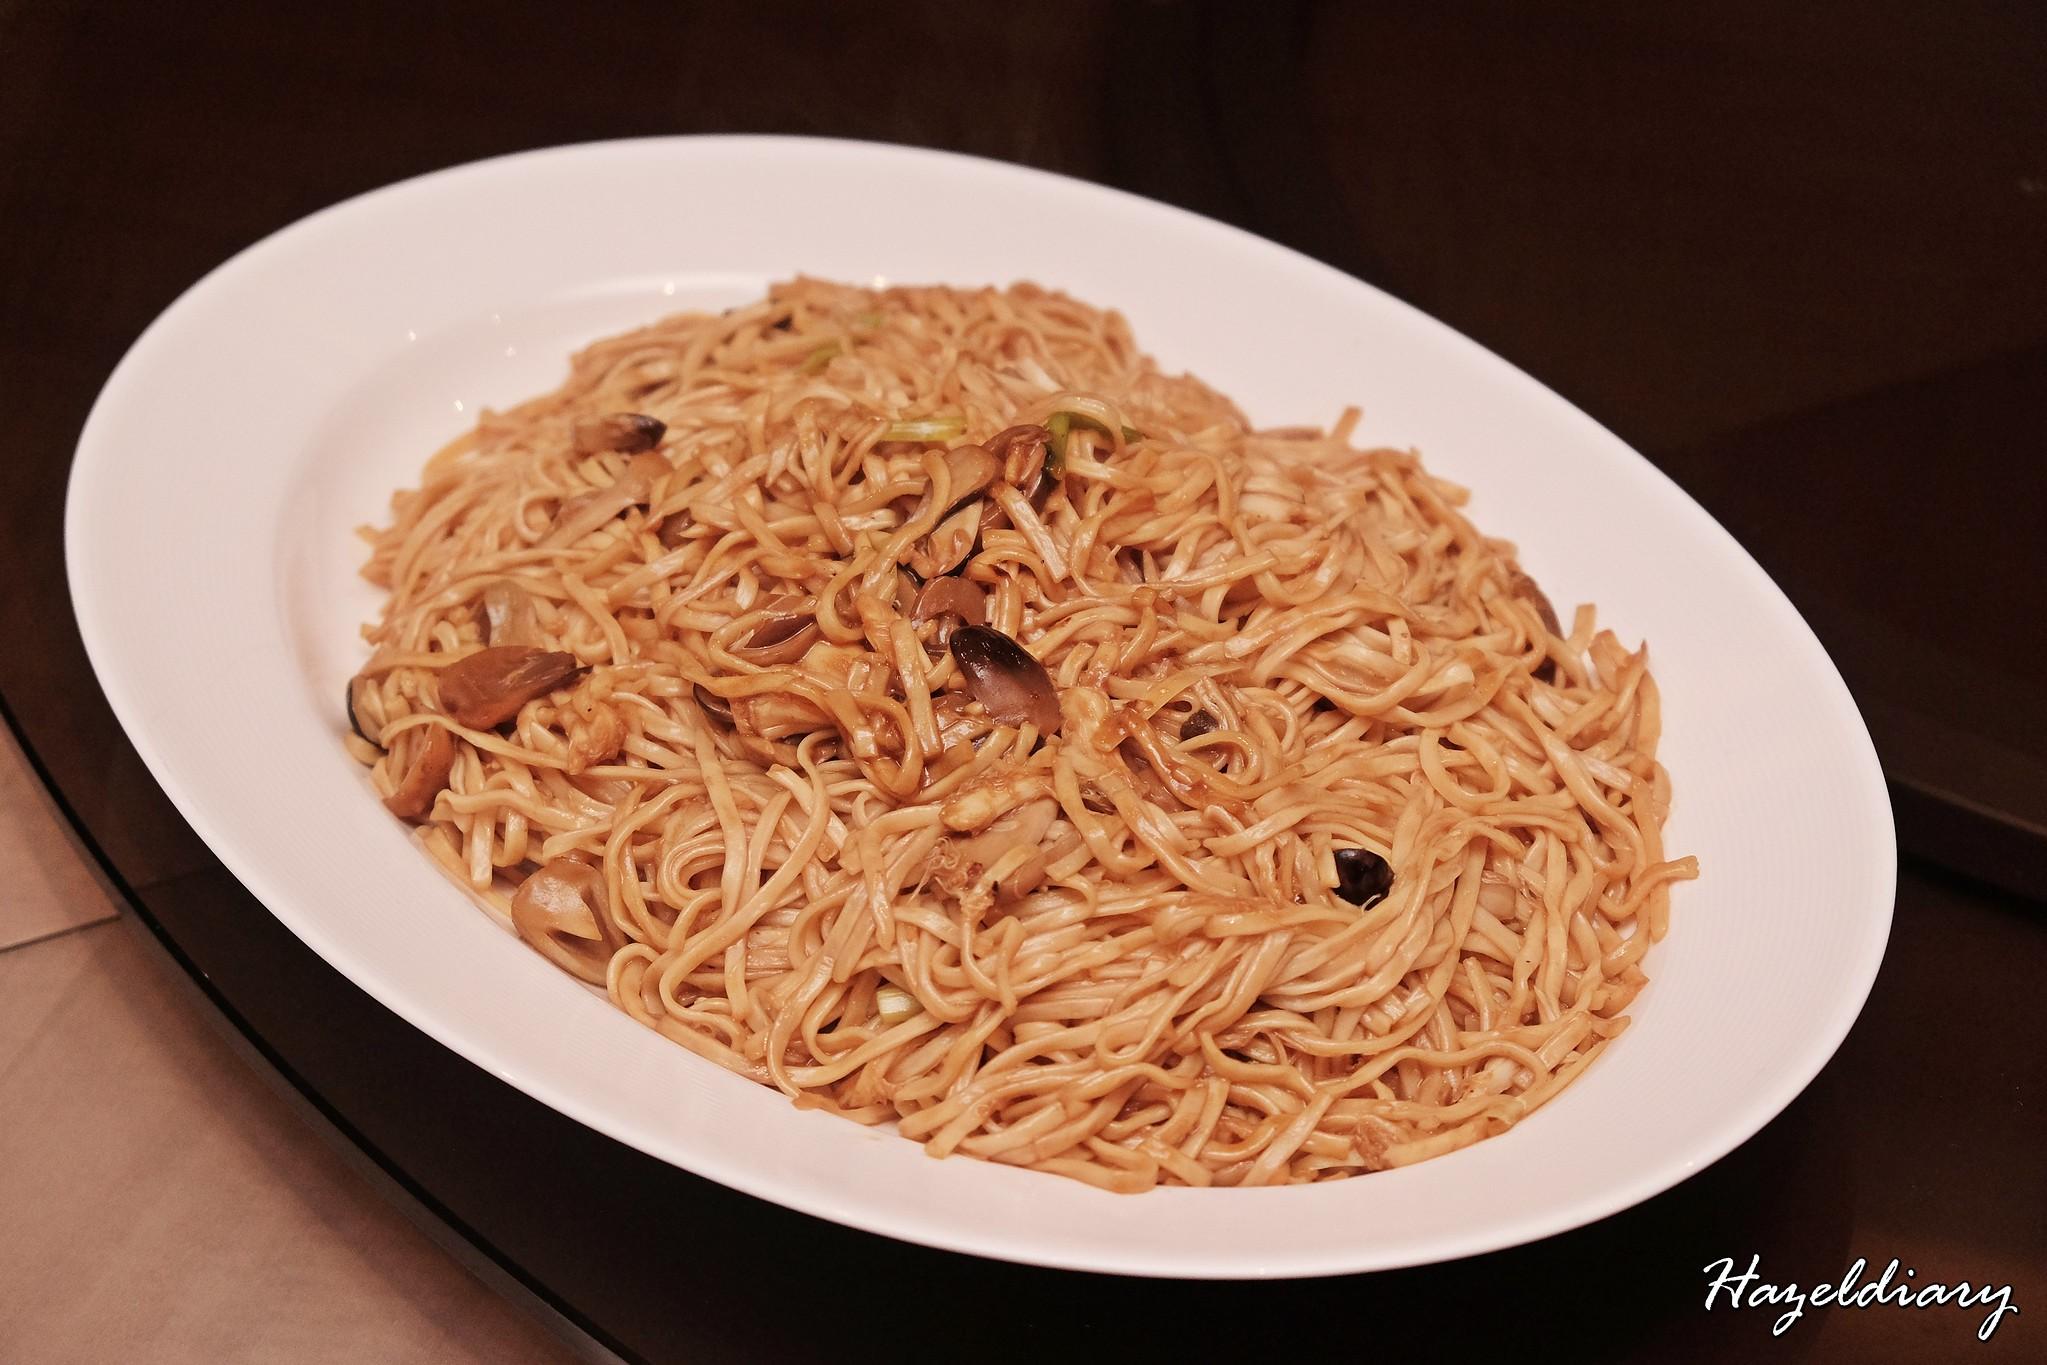 jiang Nan Chun Four Seasons Hotel Singapore-E-Fu noodles